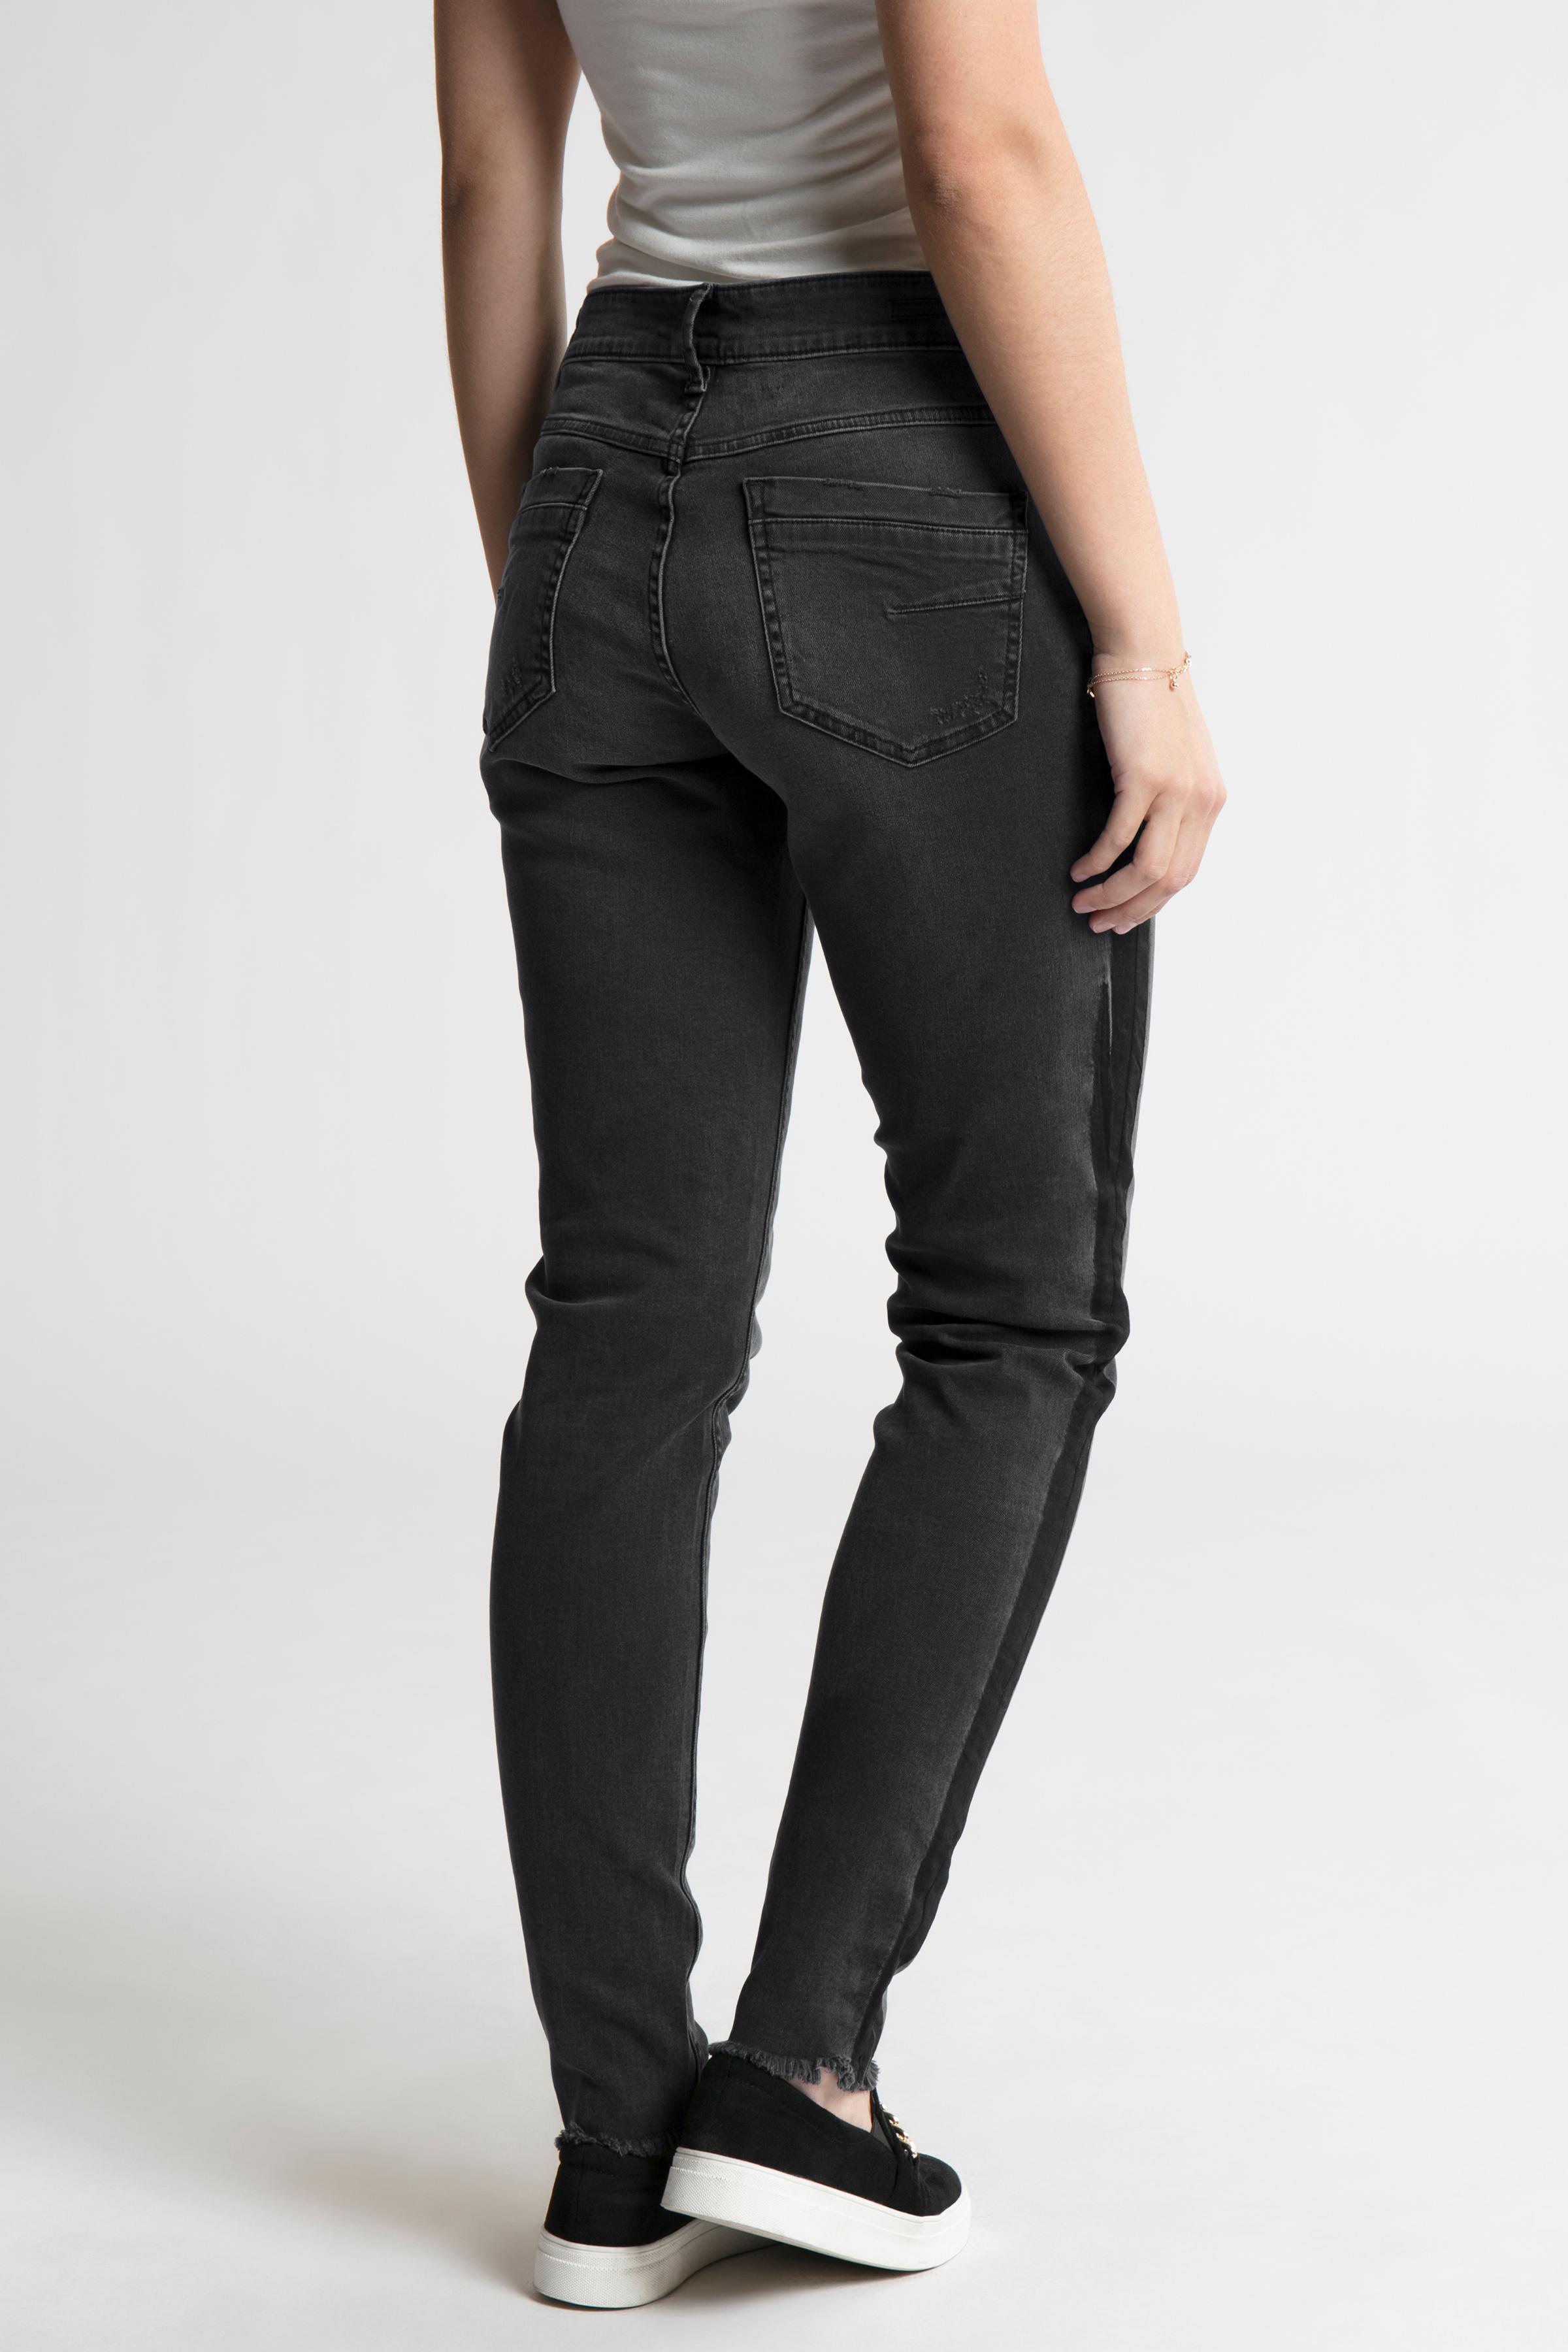 Sort denim Jeans fra b.young – Køb Sort denim Jeans fra str. 25-36 her